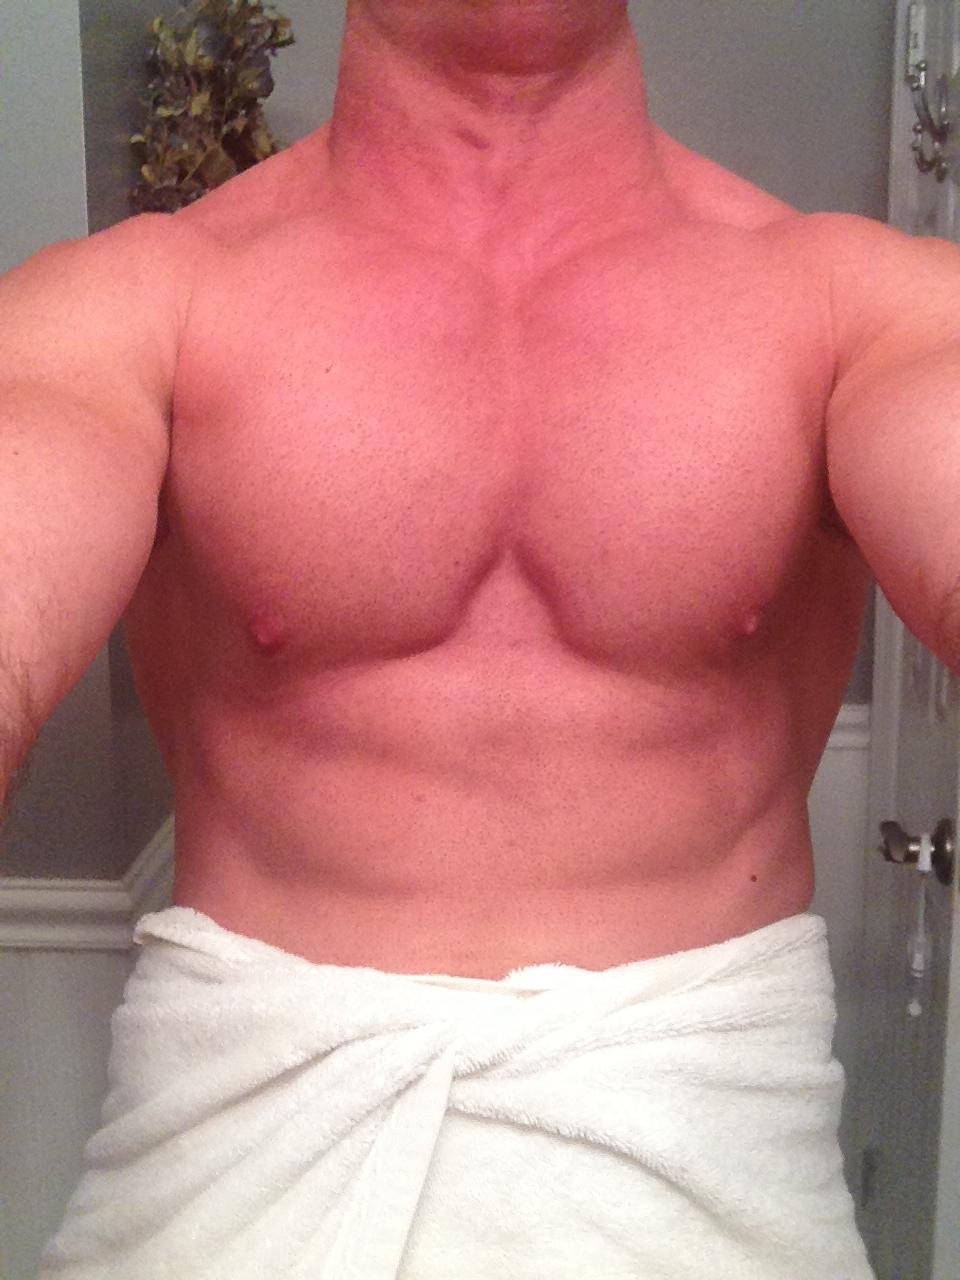 Weak chest